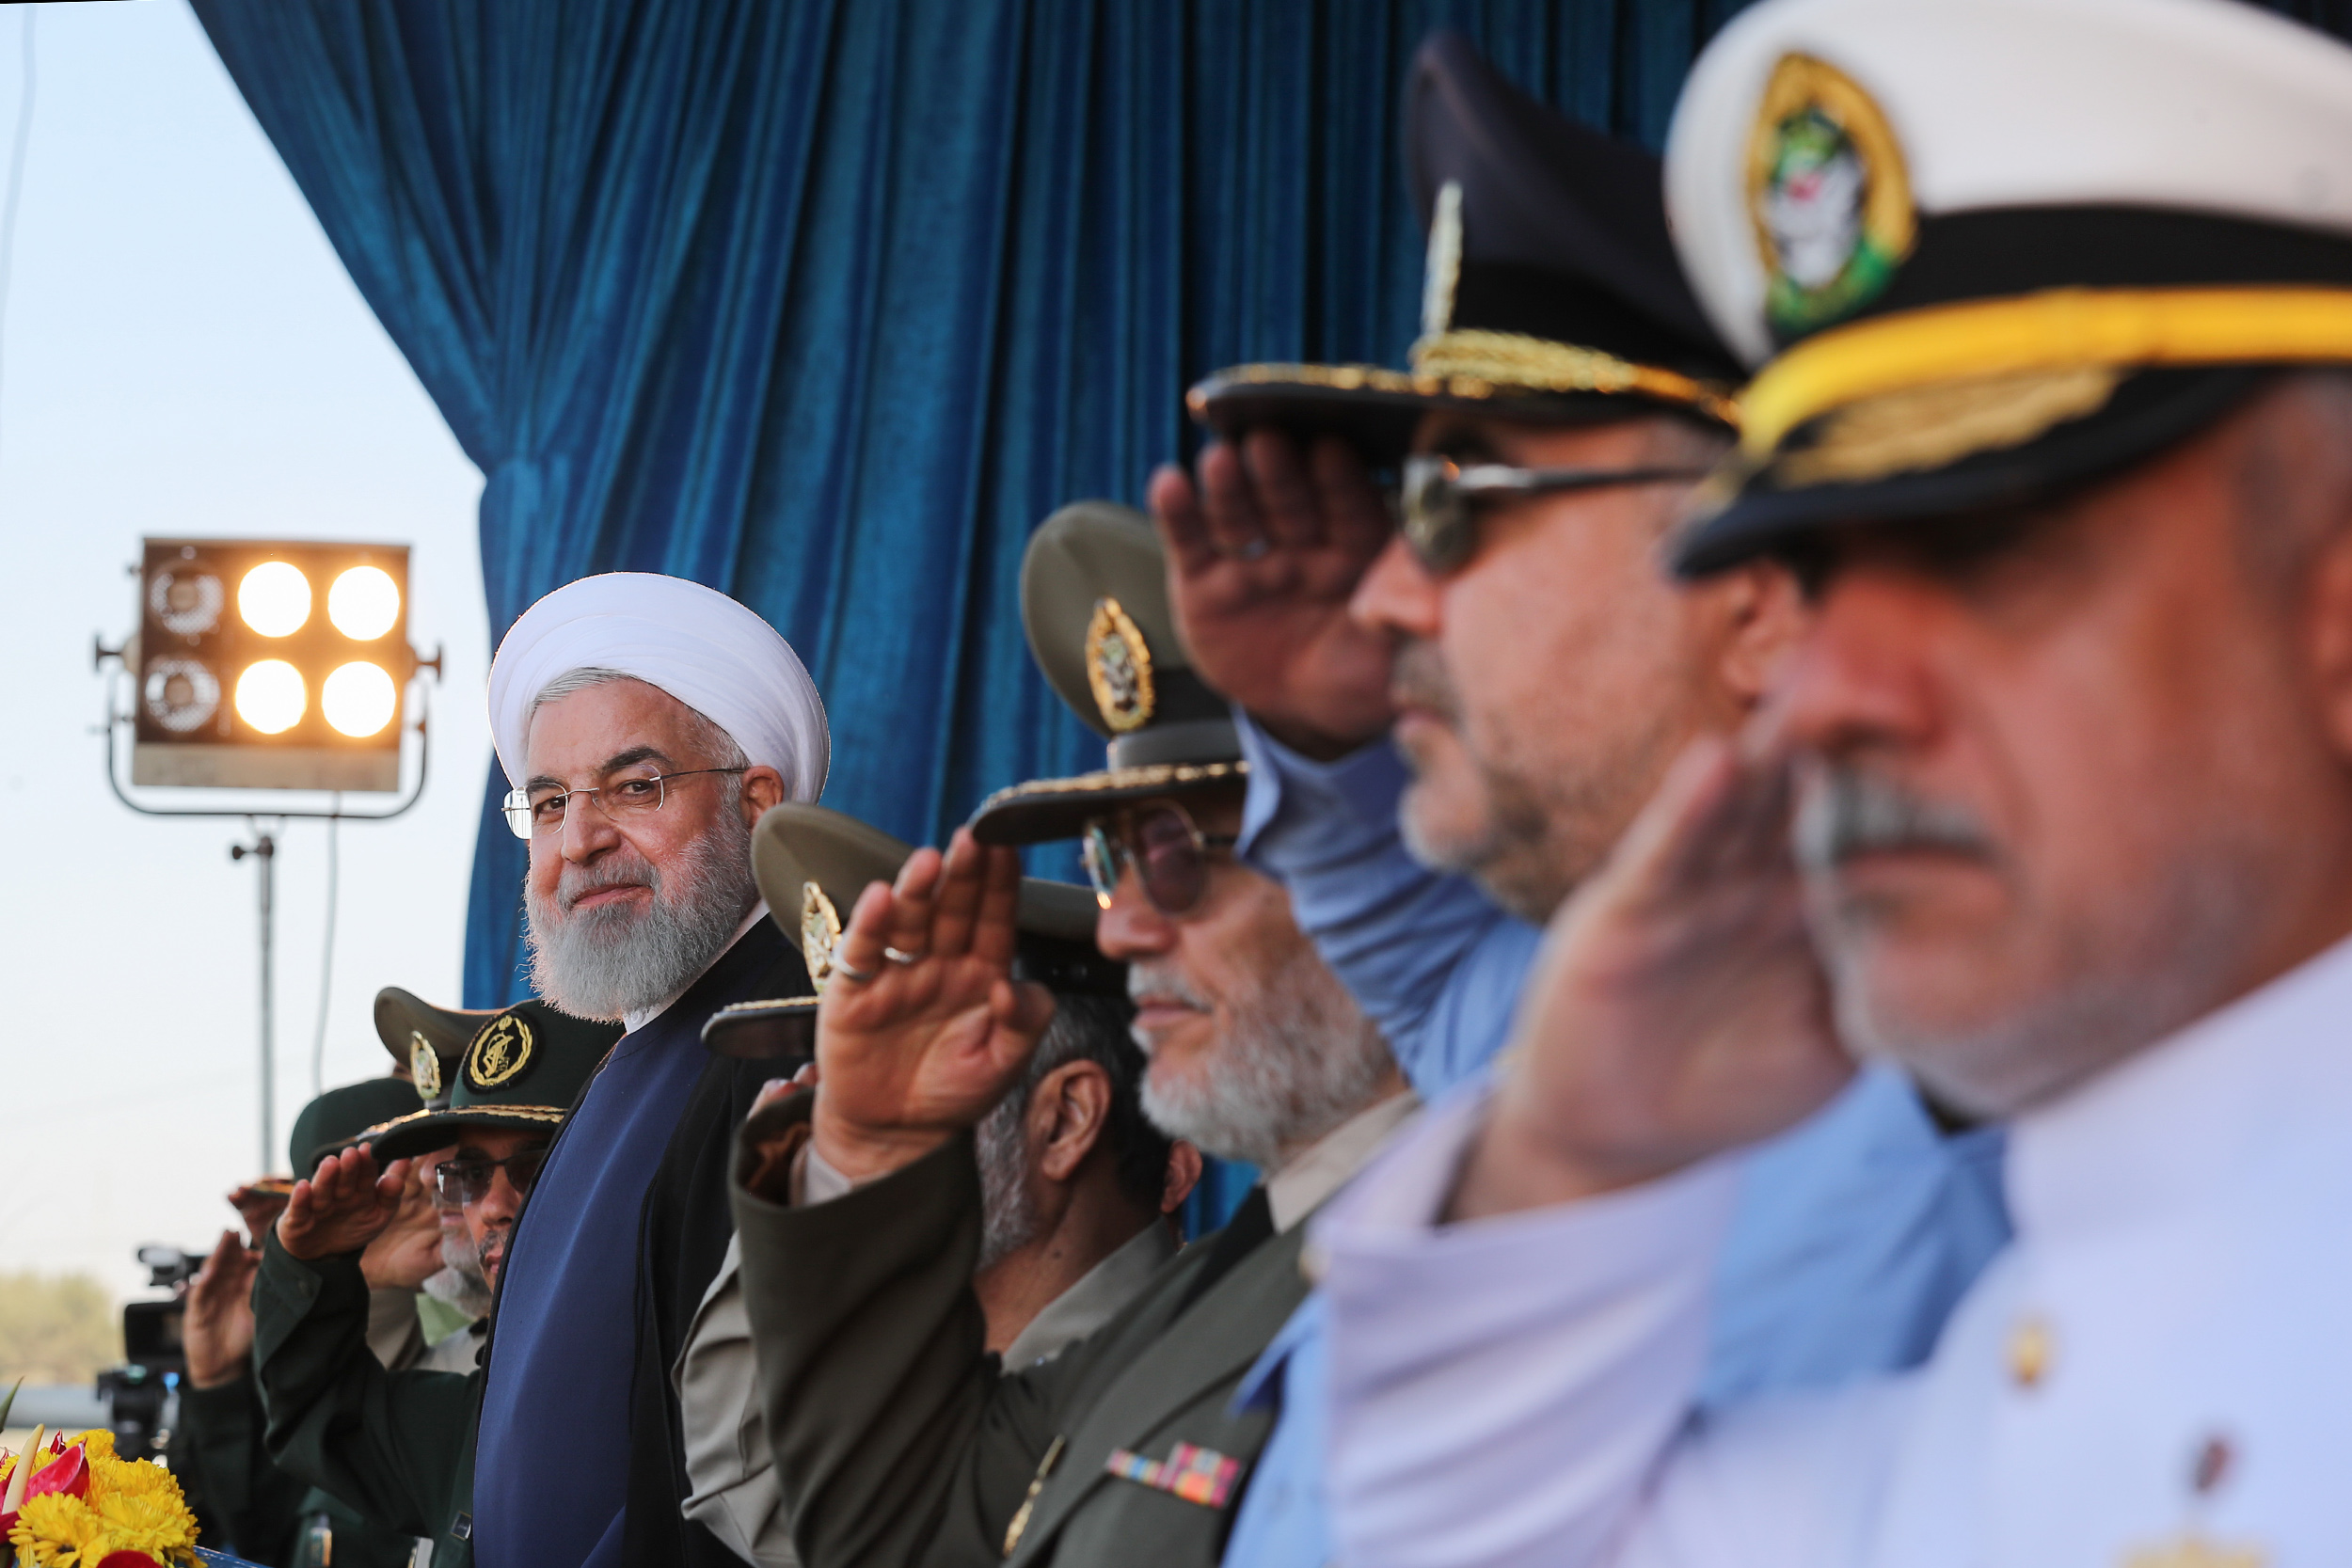 روحانی در مراسم رژه نیروهای مسلح: